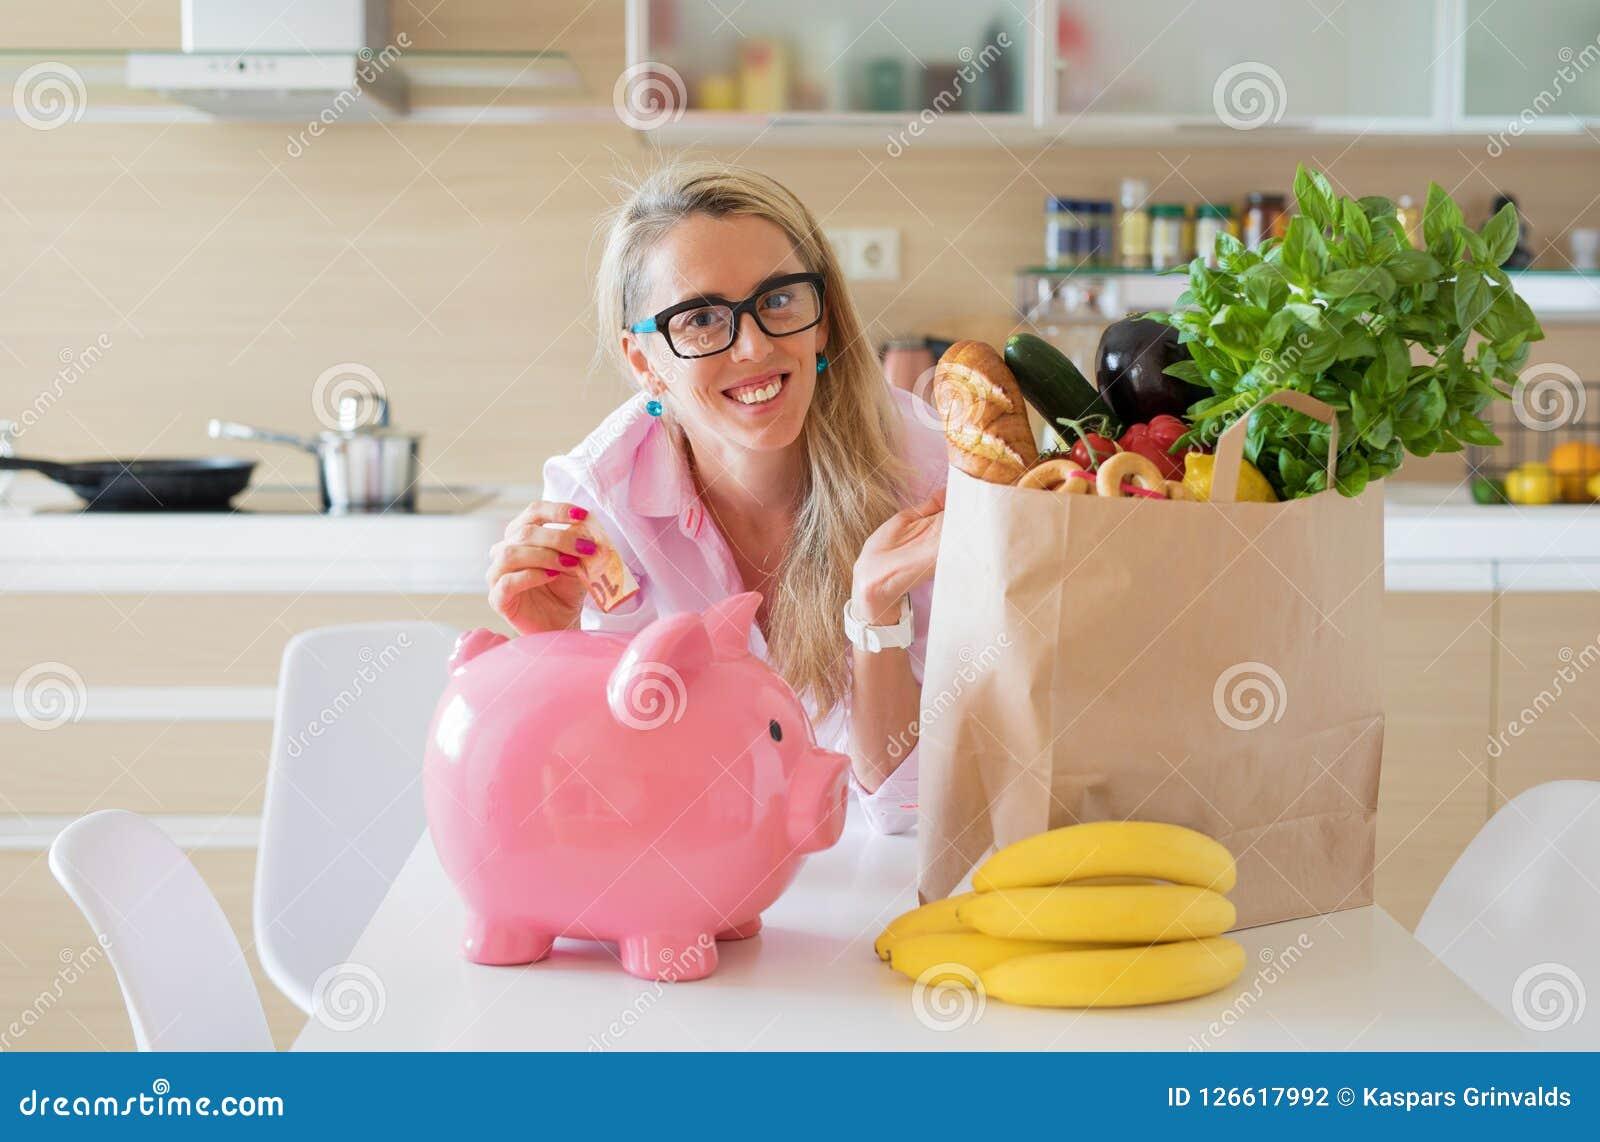 Dinheiro da economia da dona de casa pela compra de mantimentos esperta